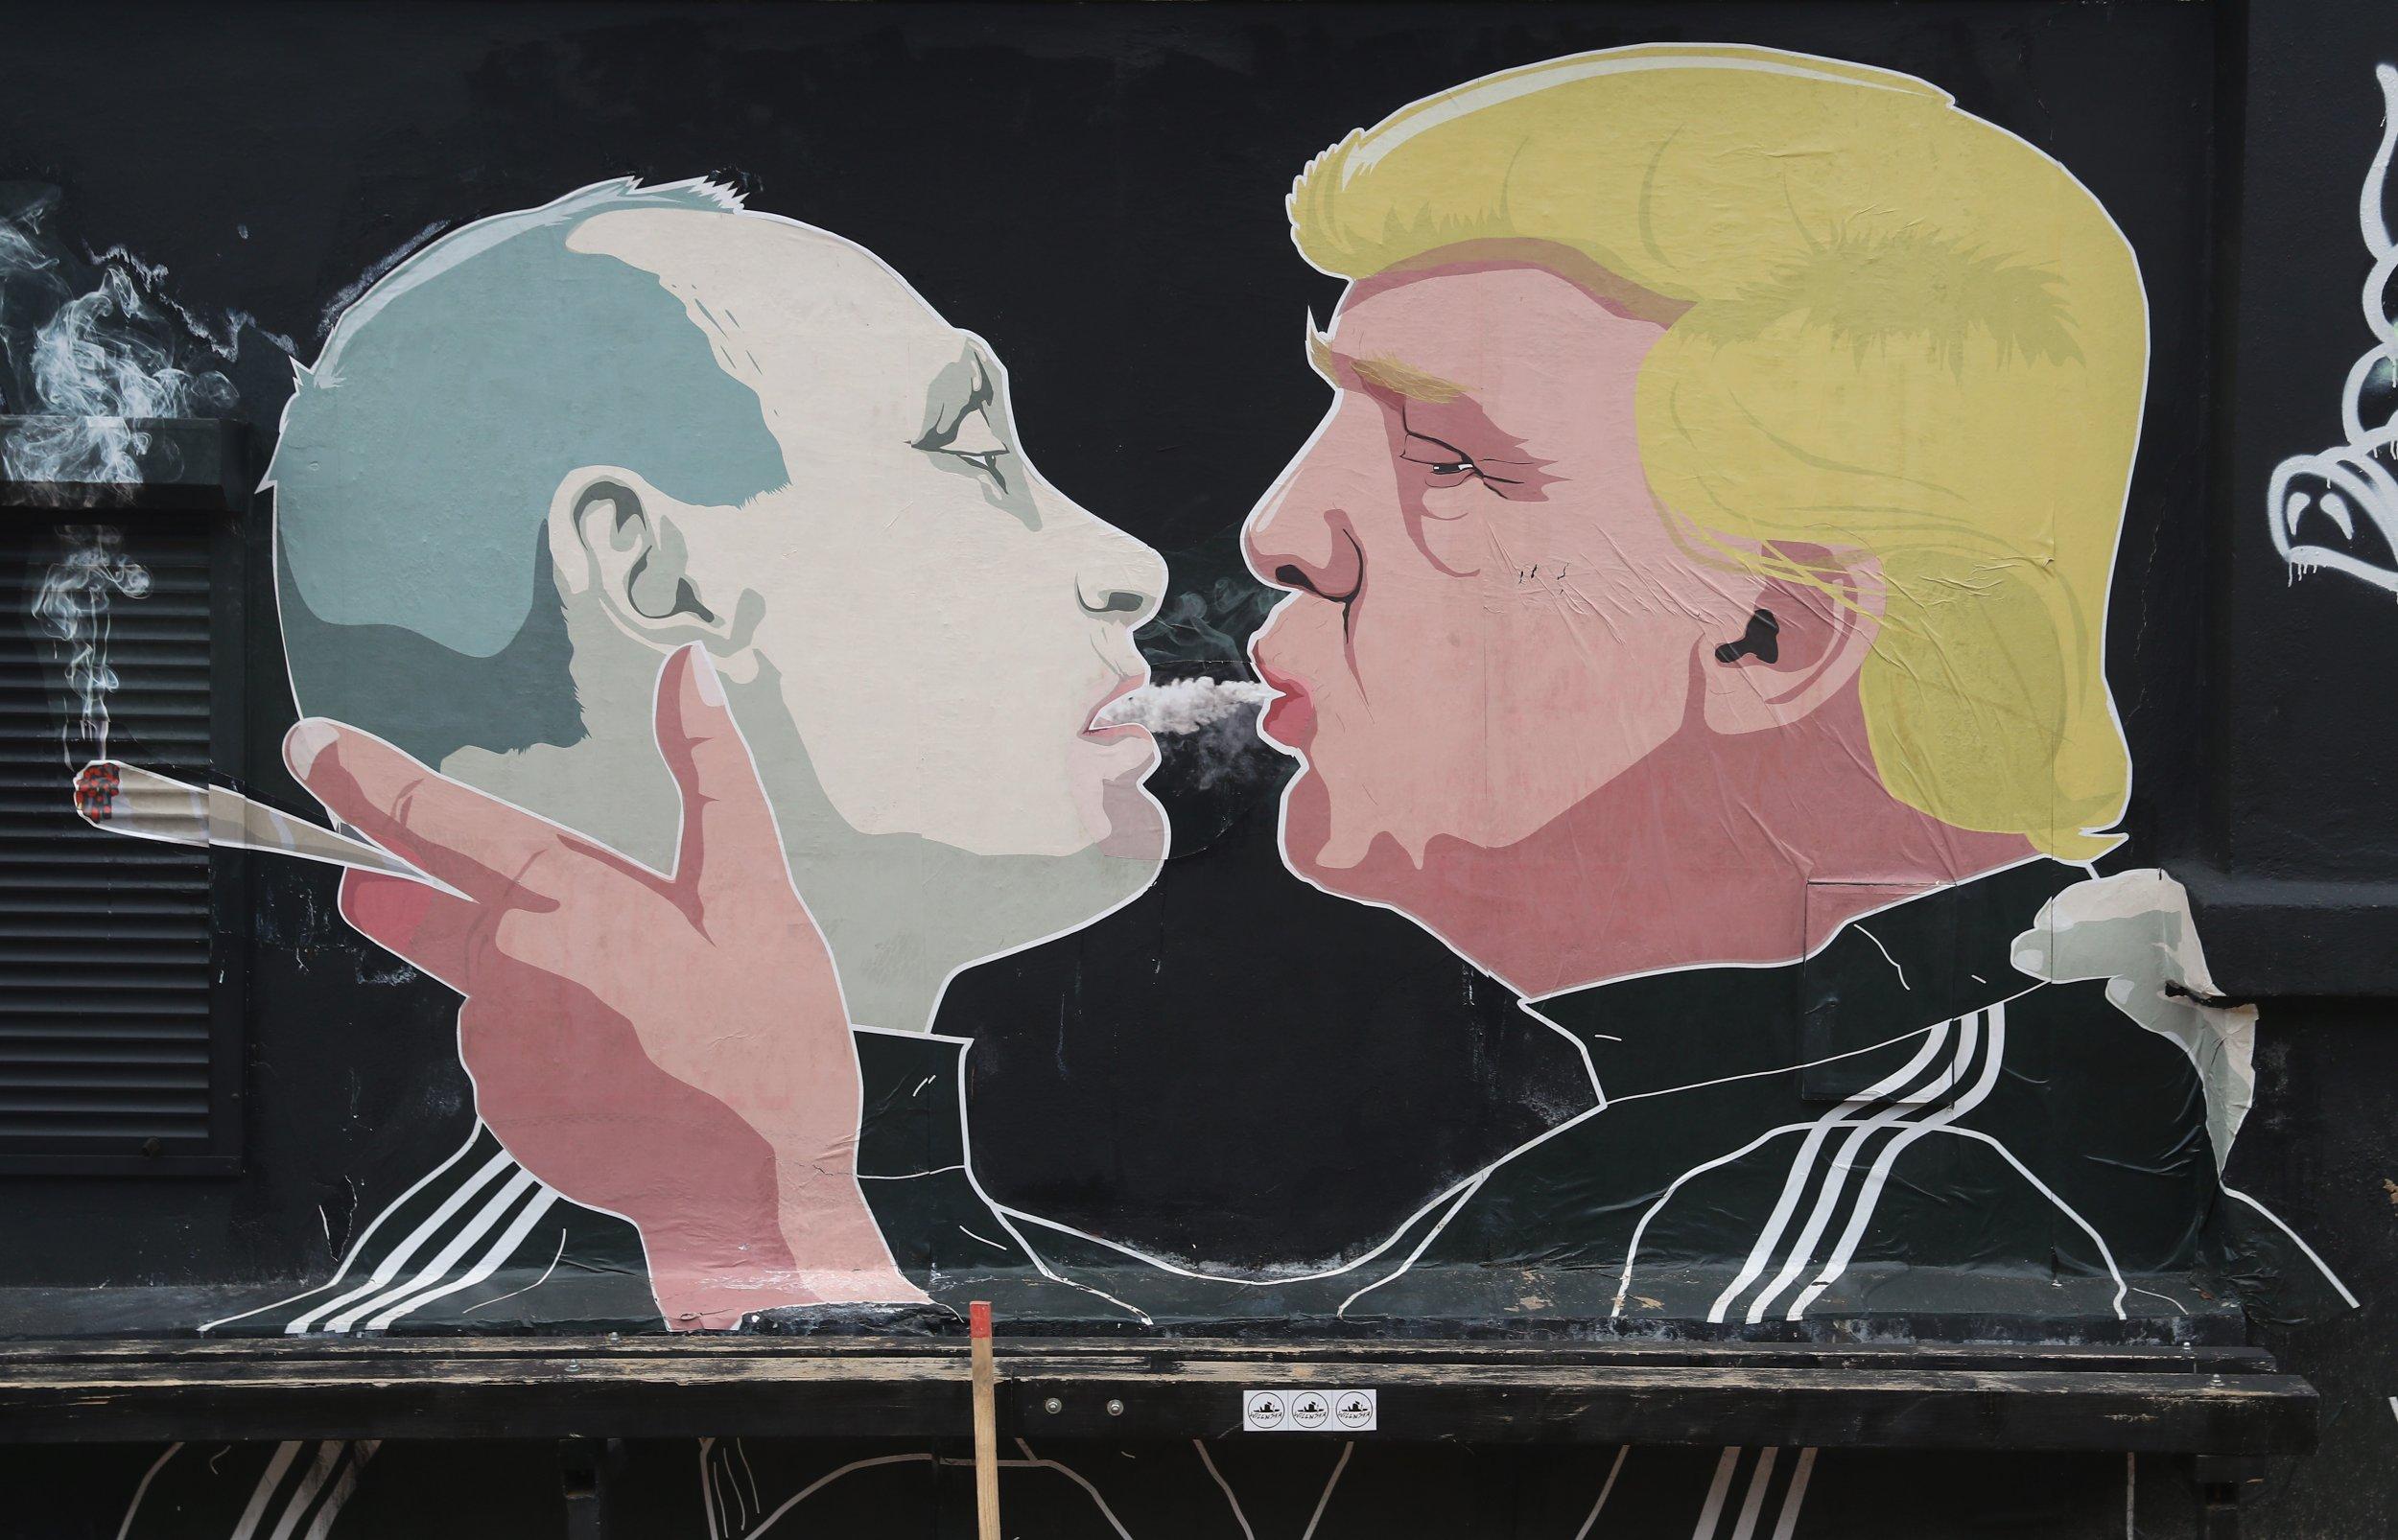 01_27_Putin_Trump_01